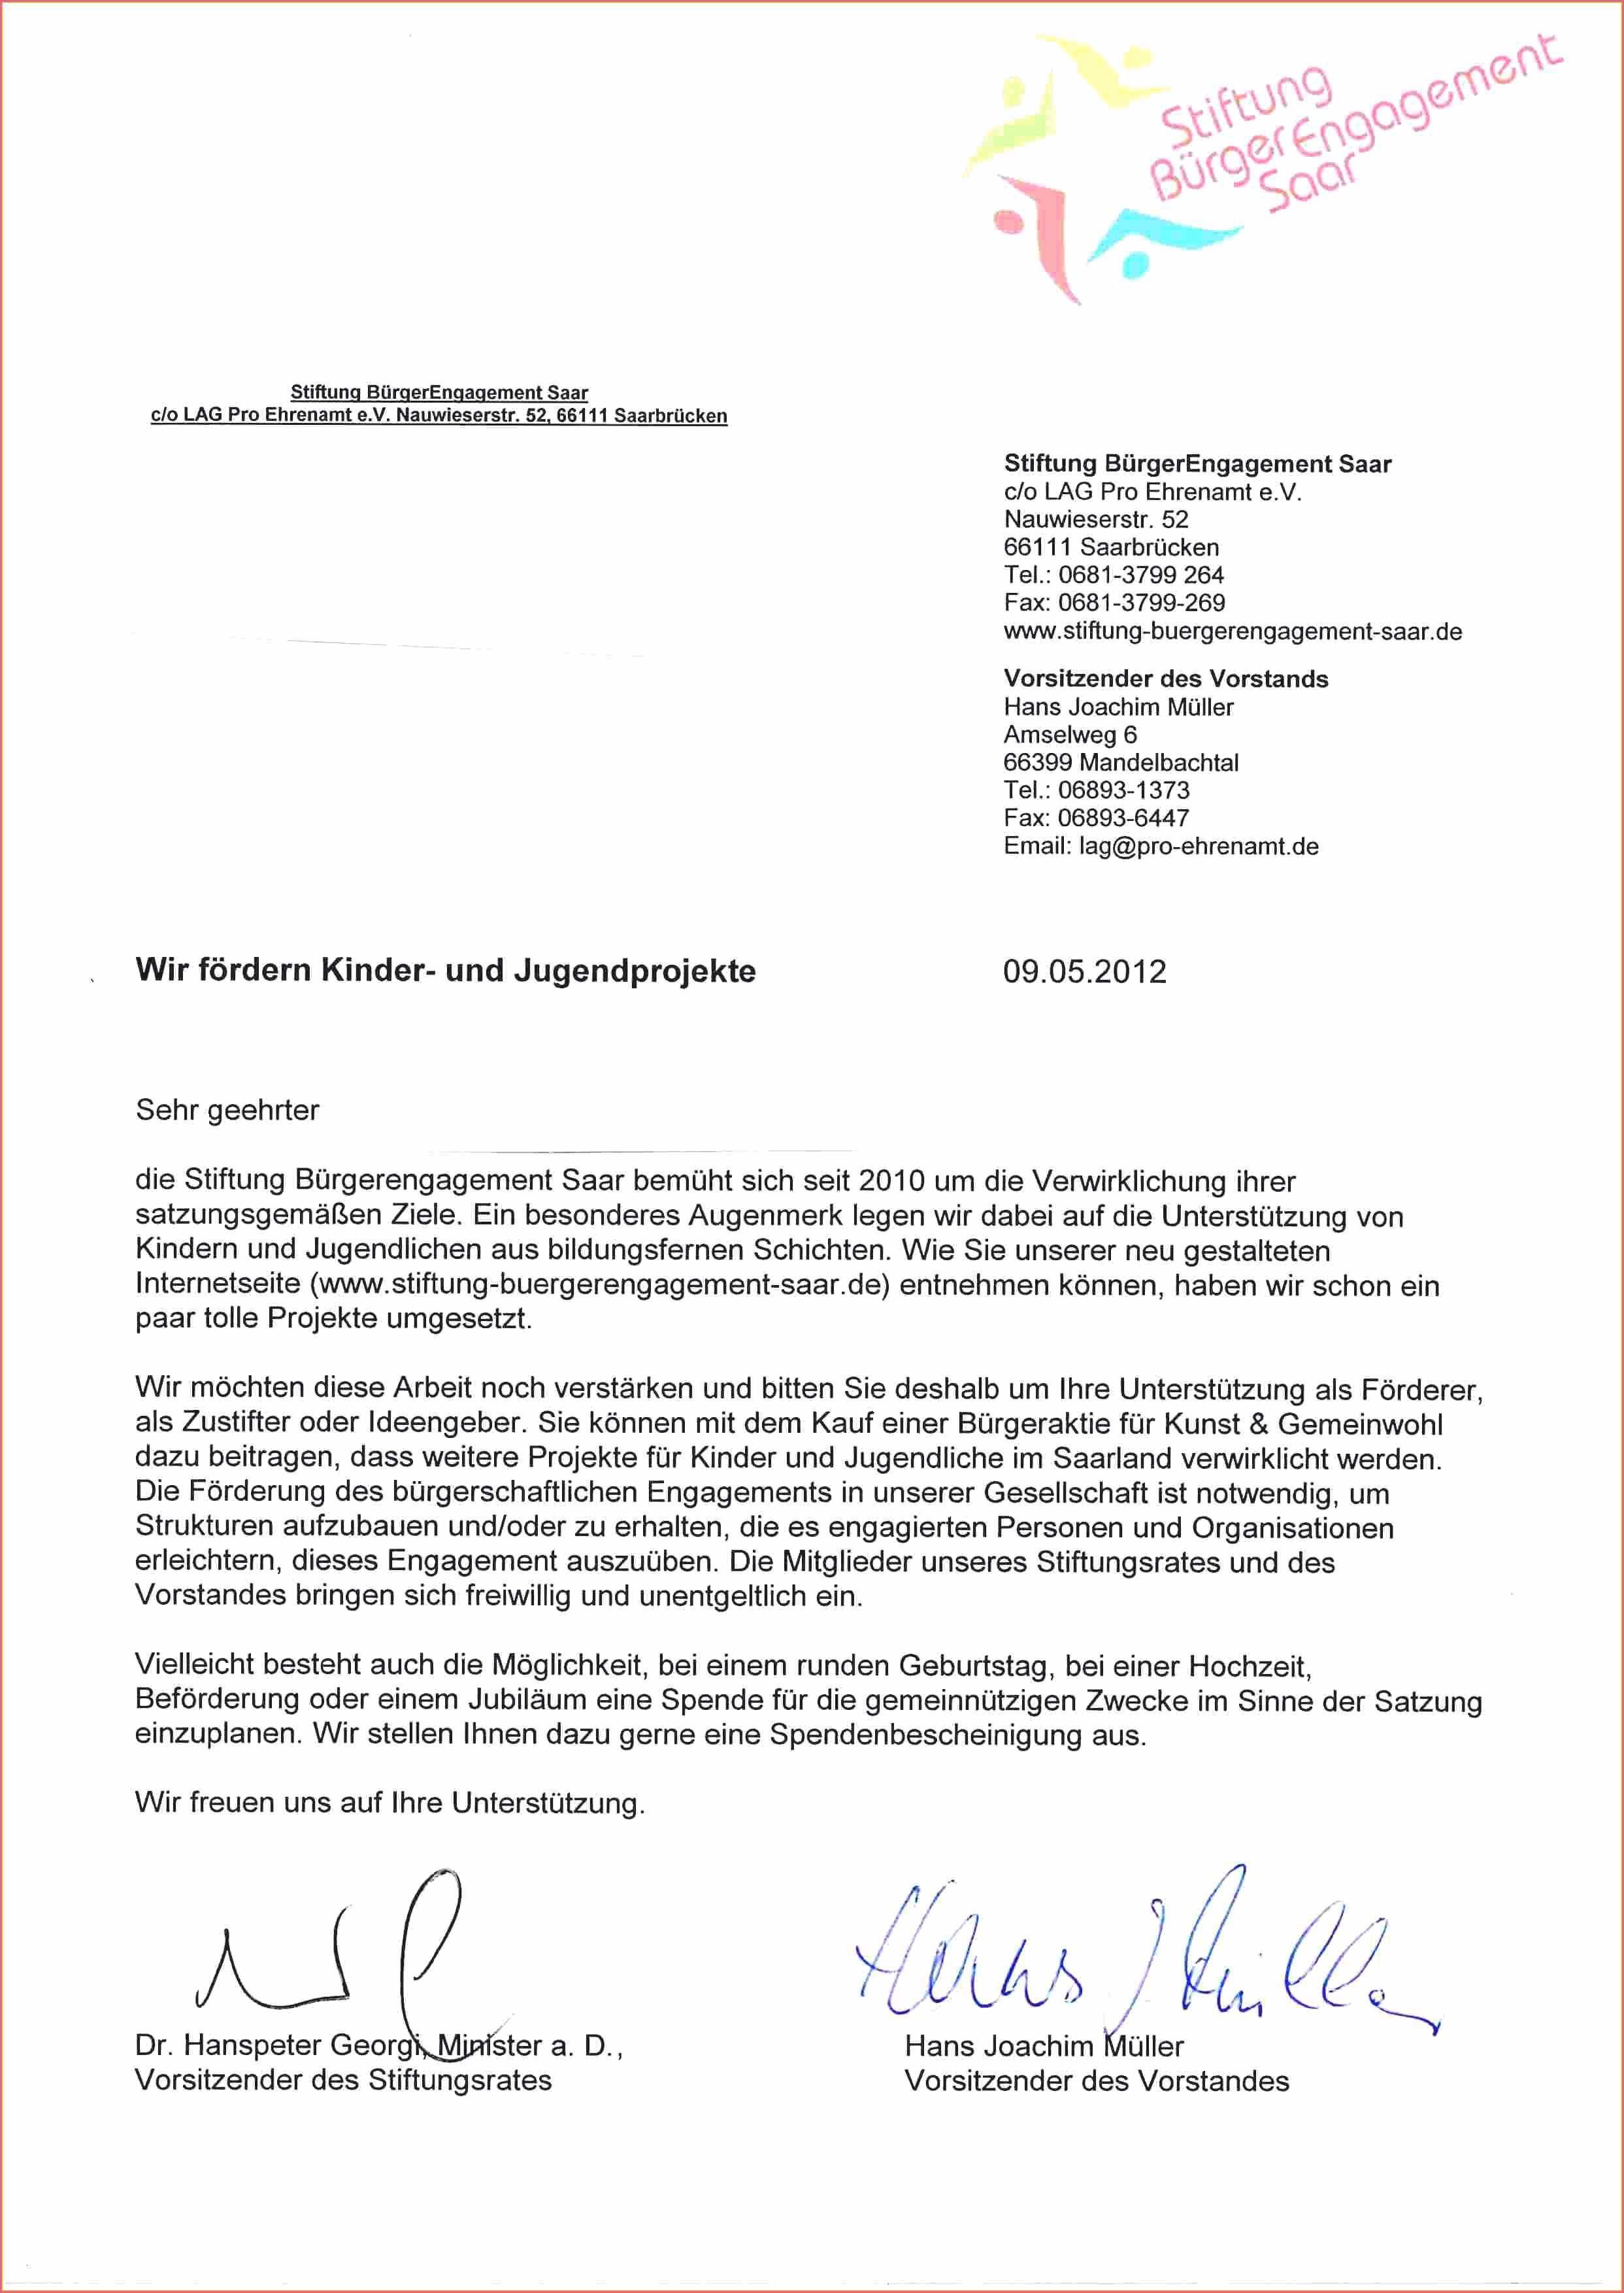 Antrag Auf Akteneinsicht Muster In 2020 Bewerbung Schreiben Deckblatt Bewerbung Vorlage Deckblatt Bewerbung